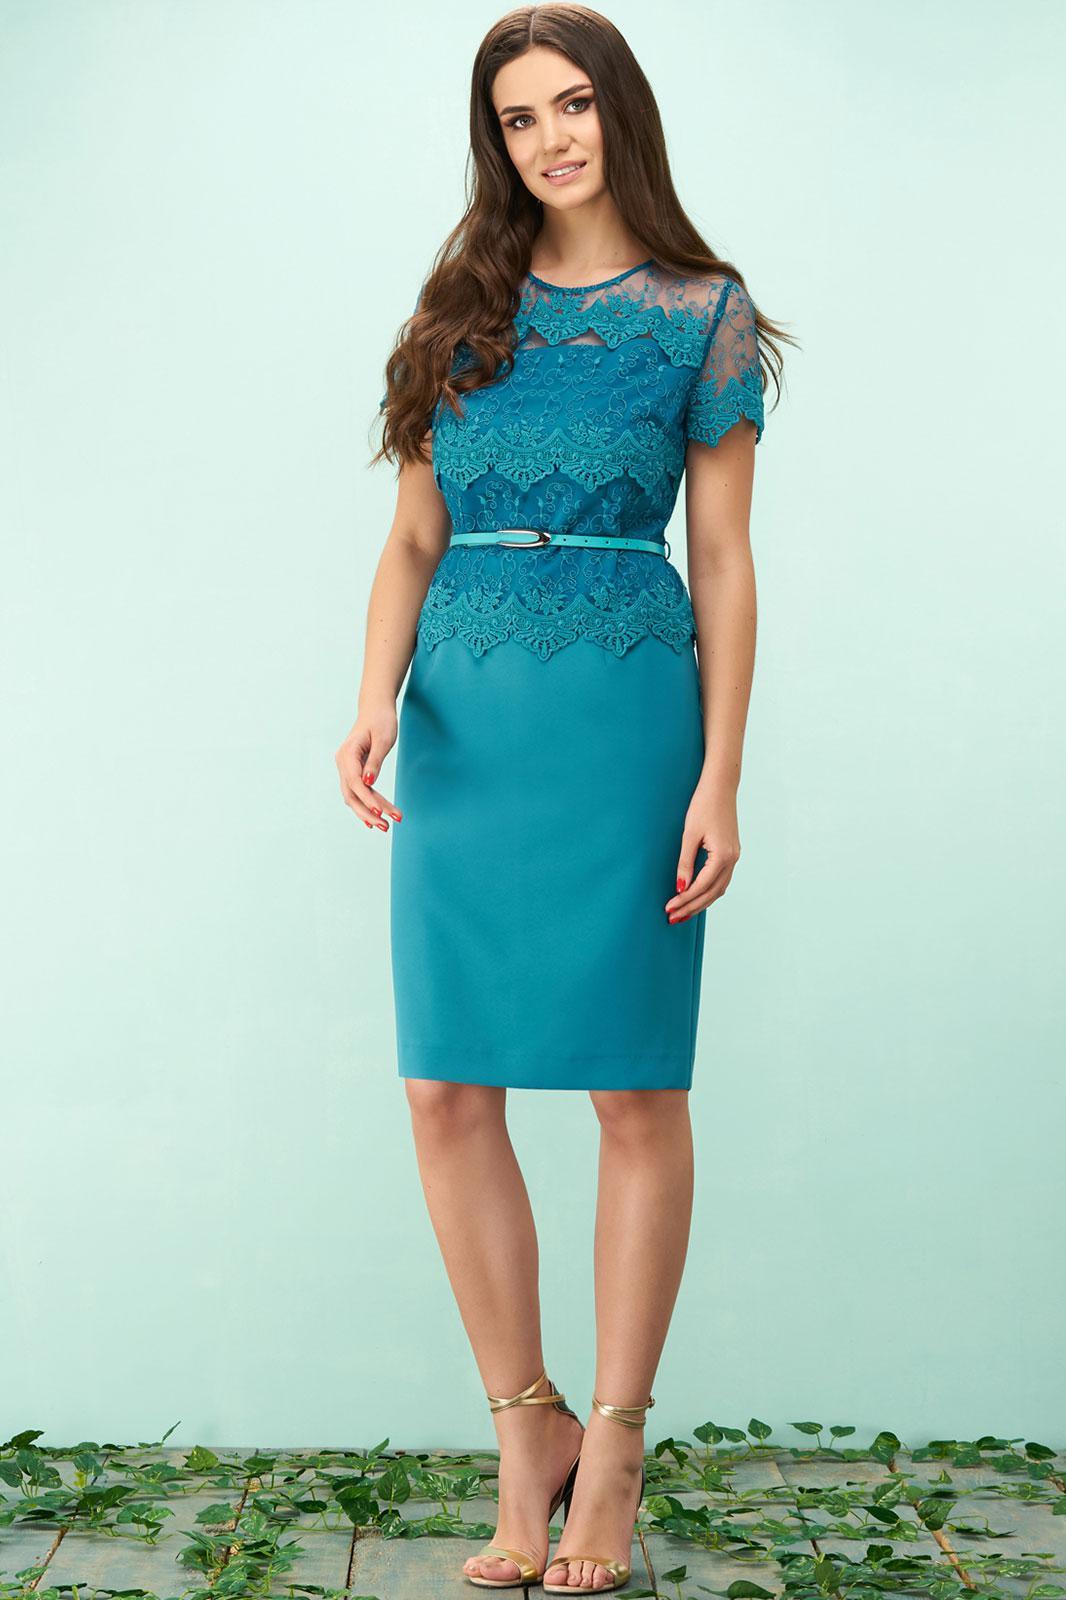 Купить Платье Bazalini, 3142 бирюзовый, Беларусь